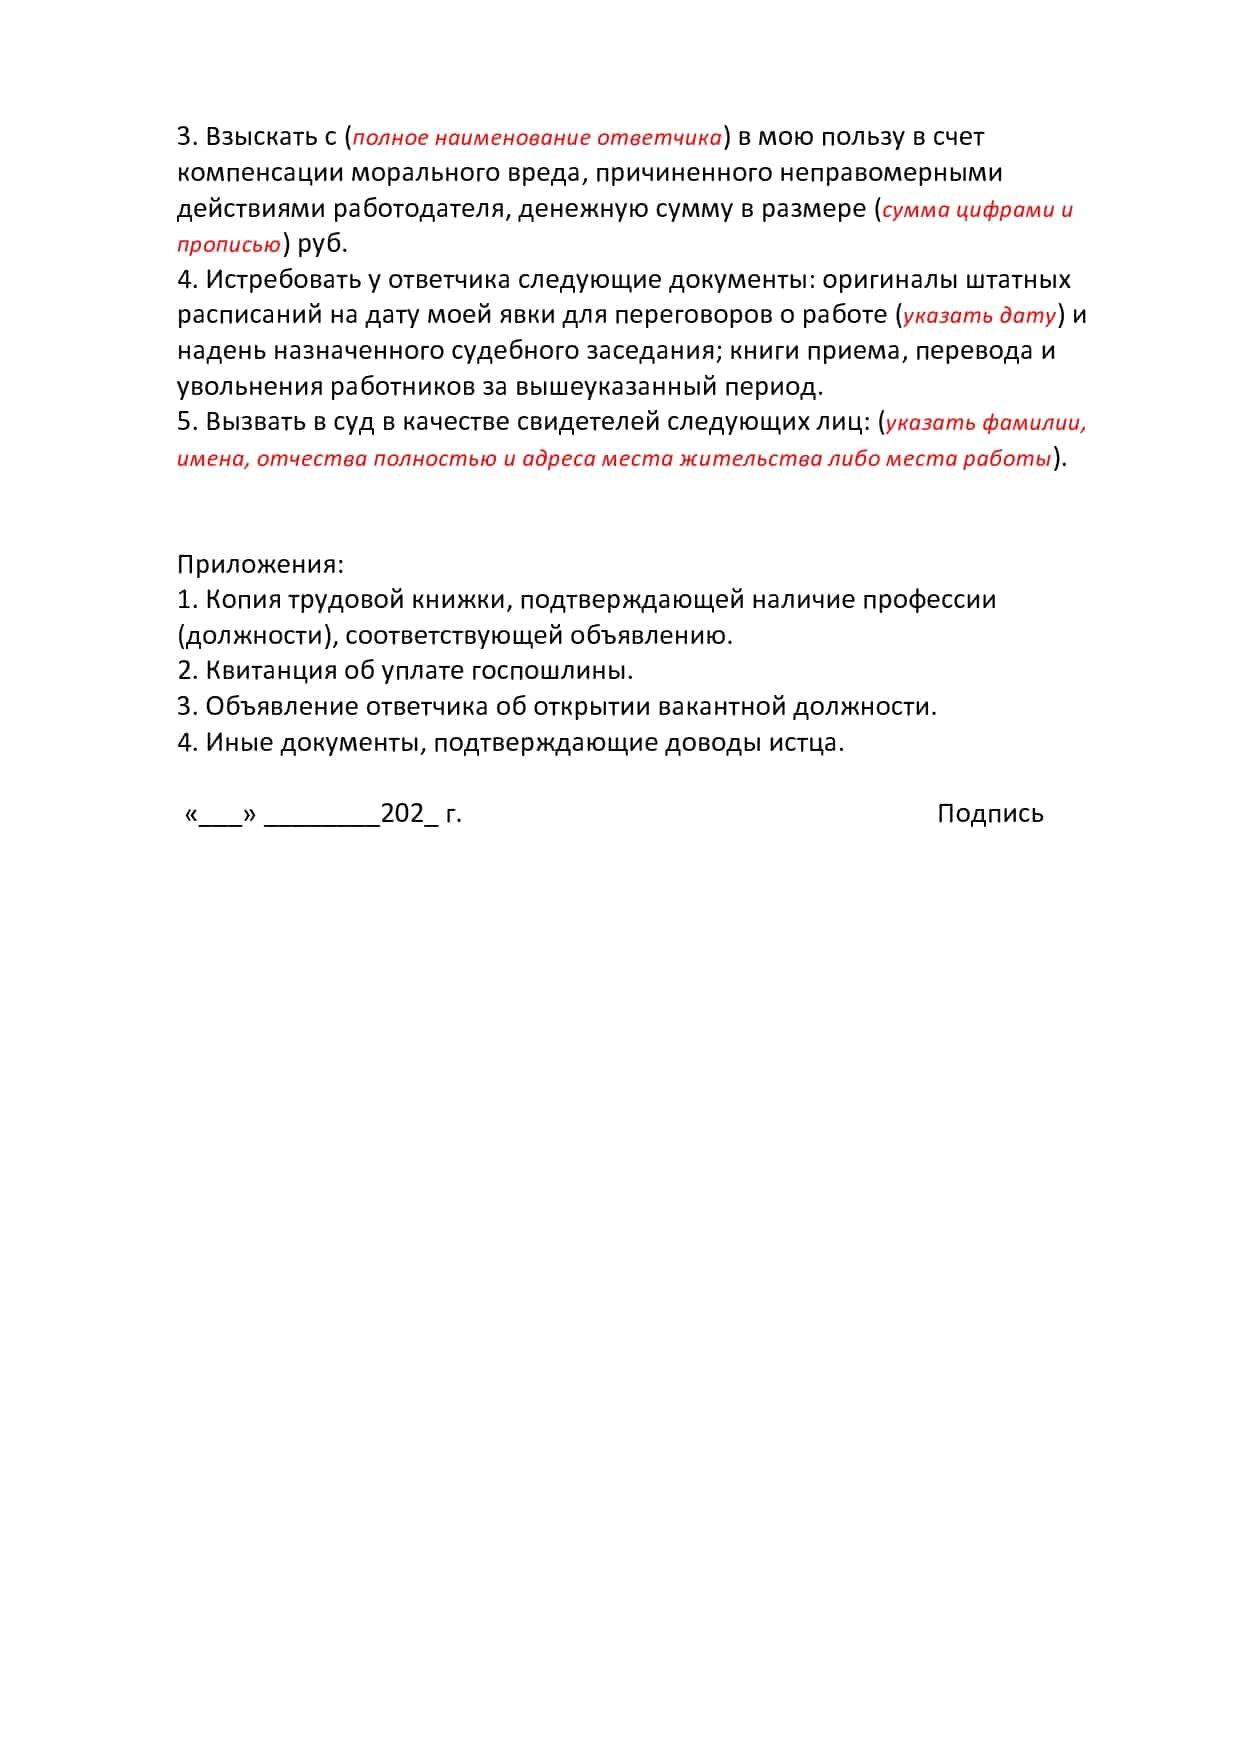 Образец иска о признании отказа в приеме на работу необоснованным, стр. 2